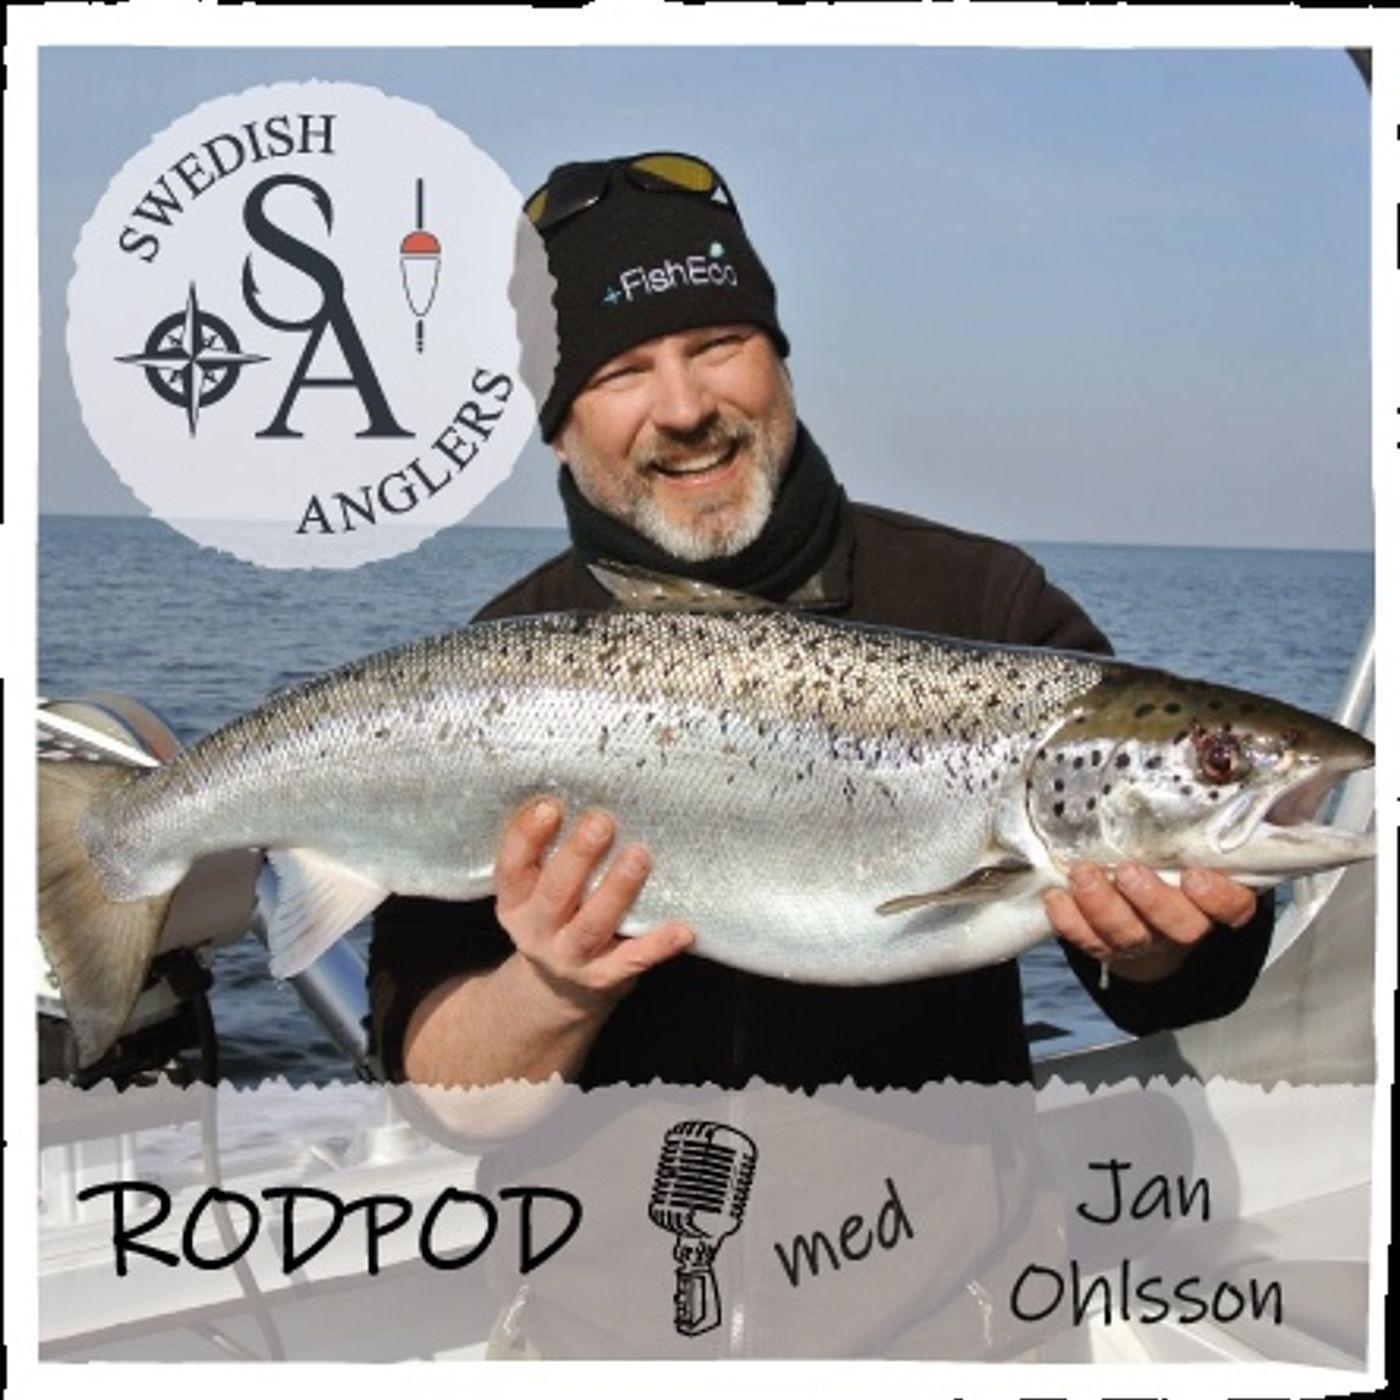 Swedish Anglers RodPod Avsnitt 7 med Jan O